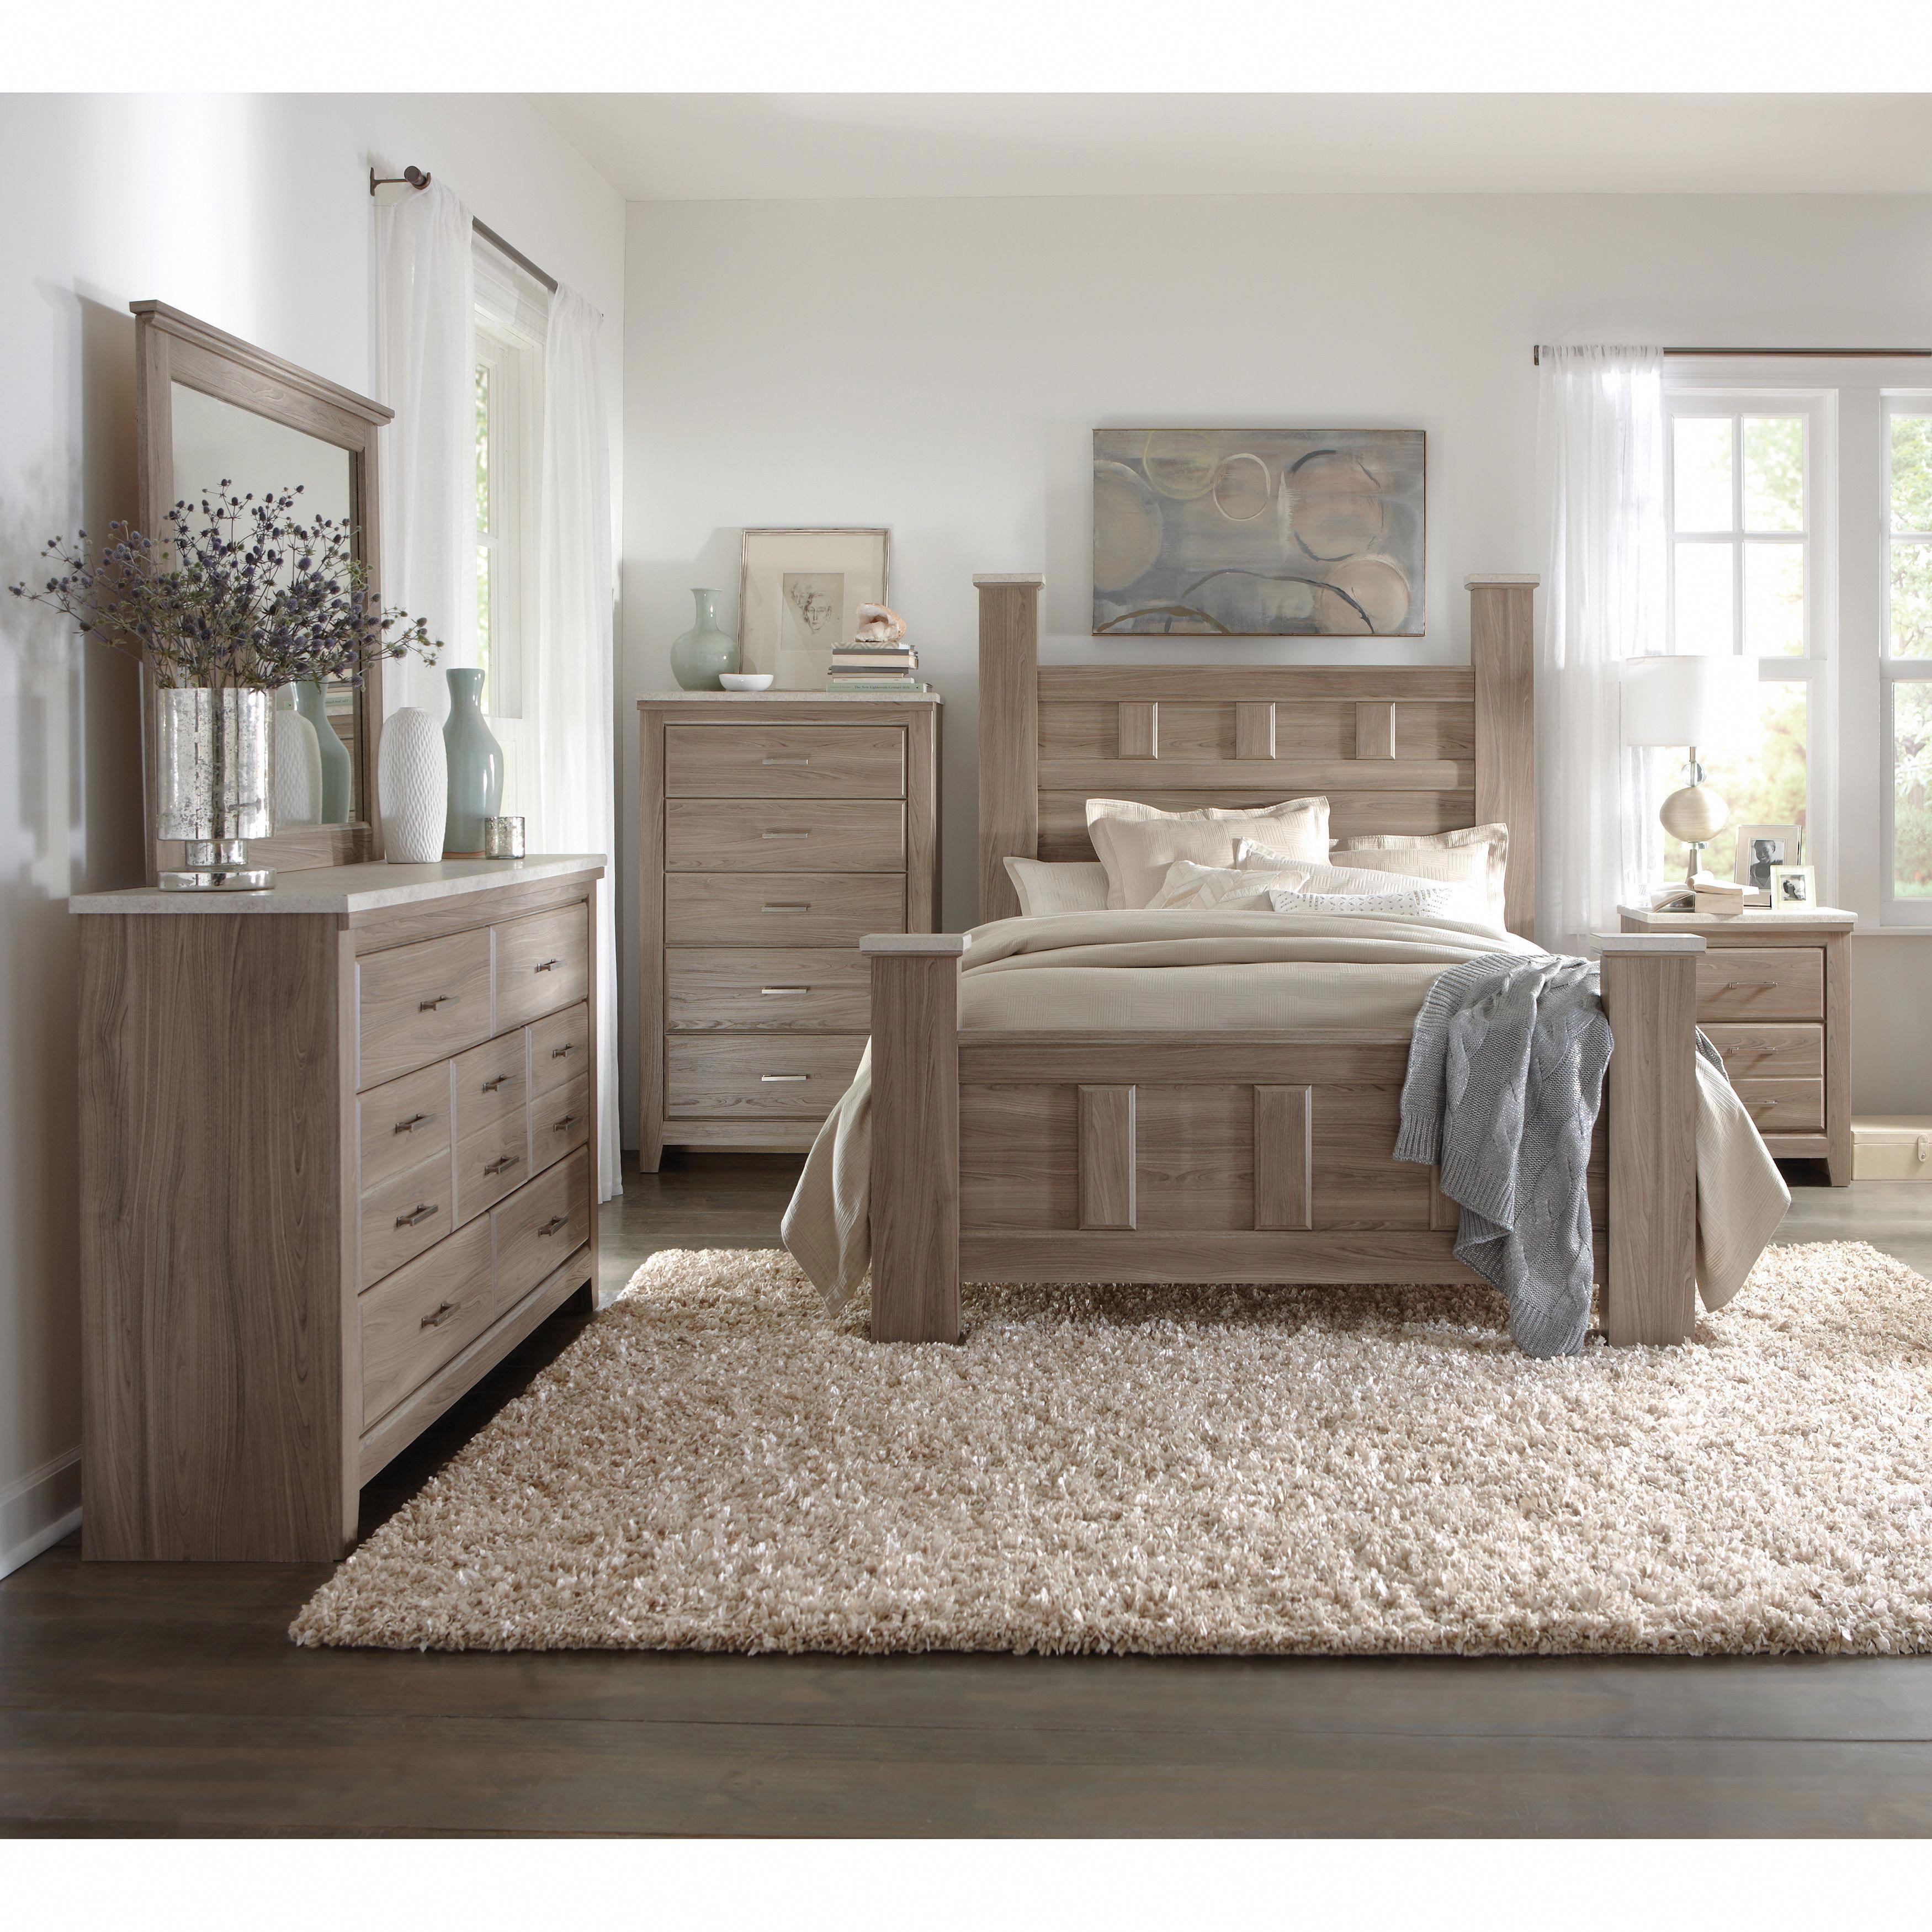 Bedroom Furniture Set Sale Uk  Wood bedroom sets, Farmhouse